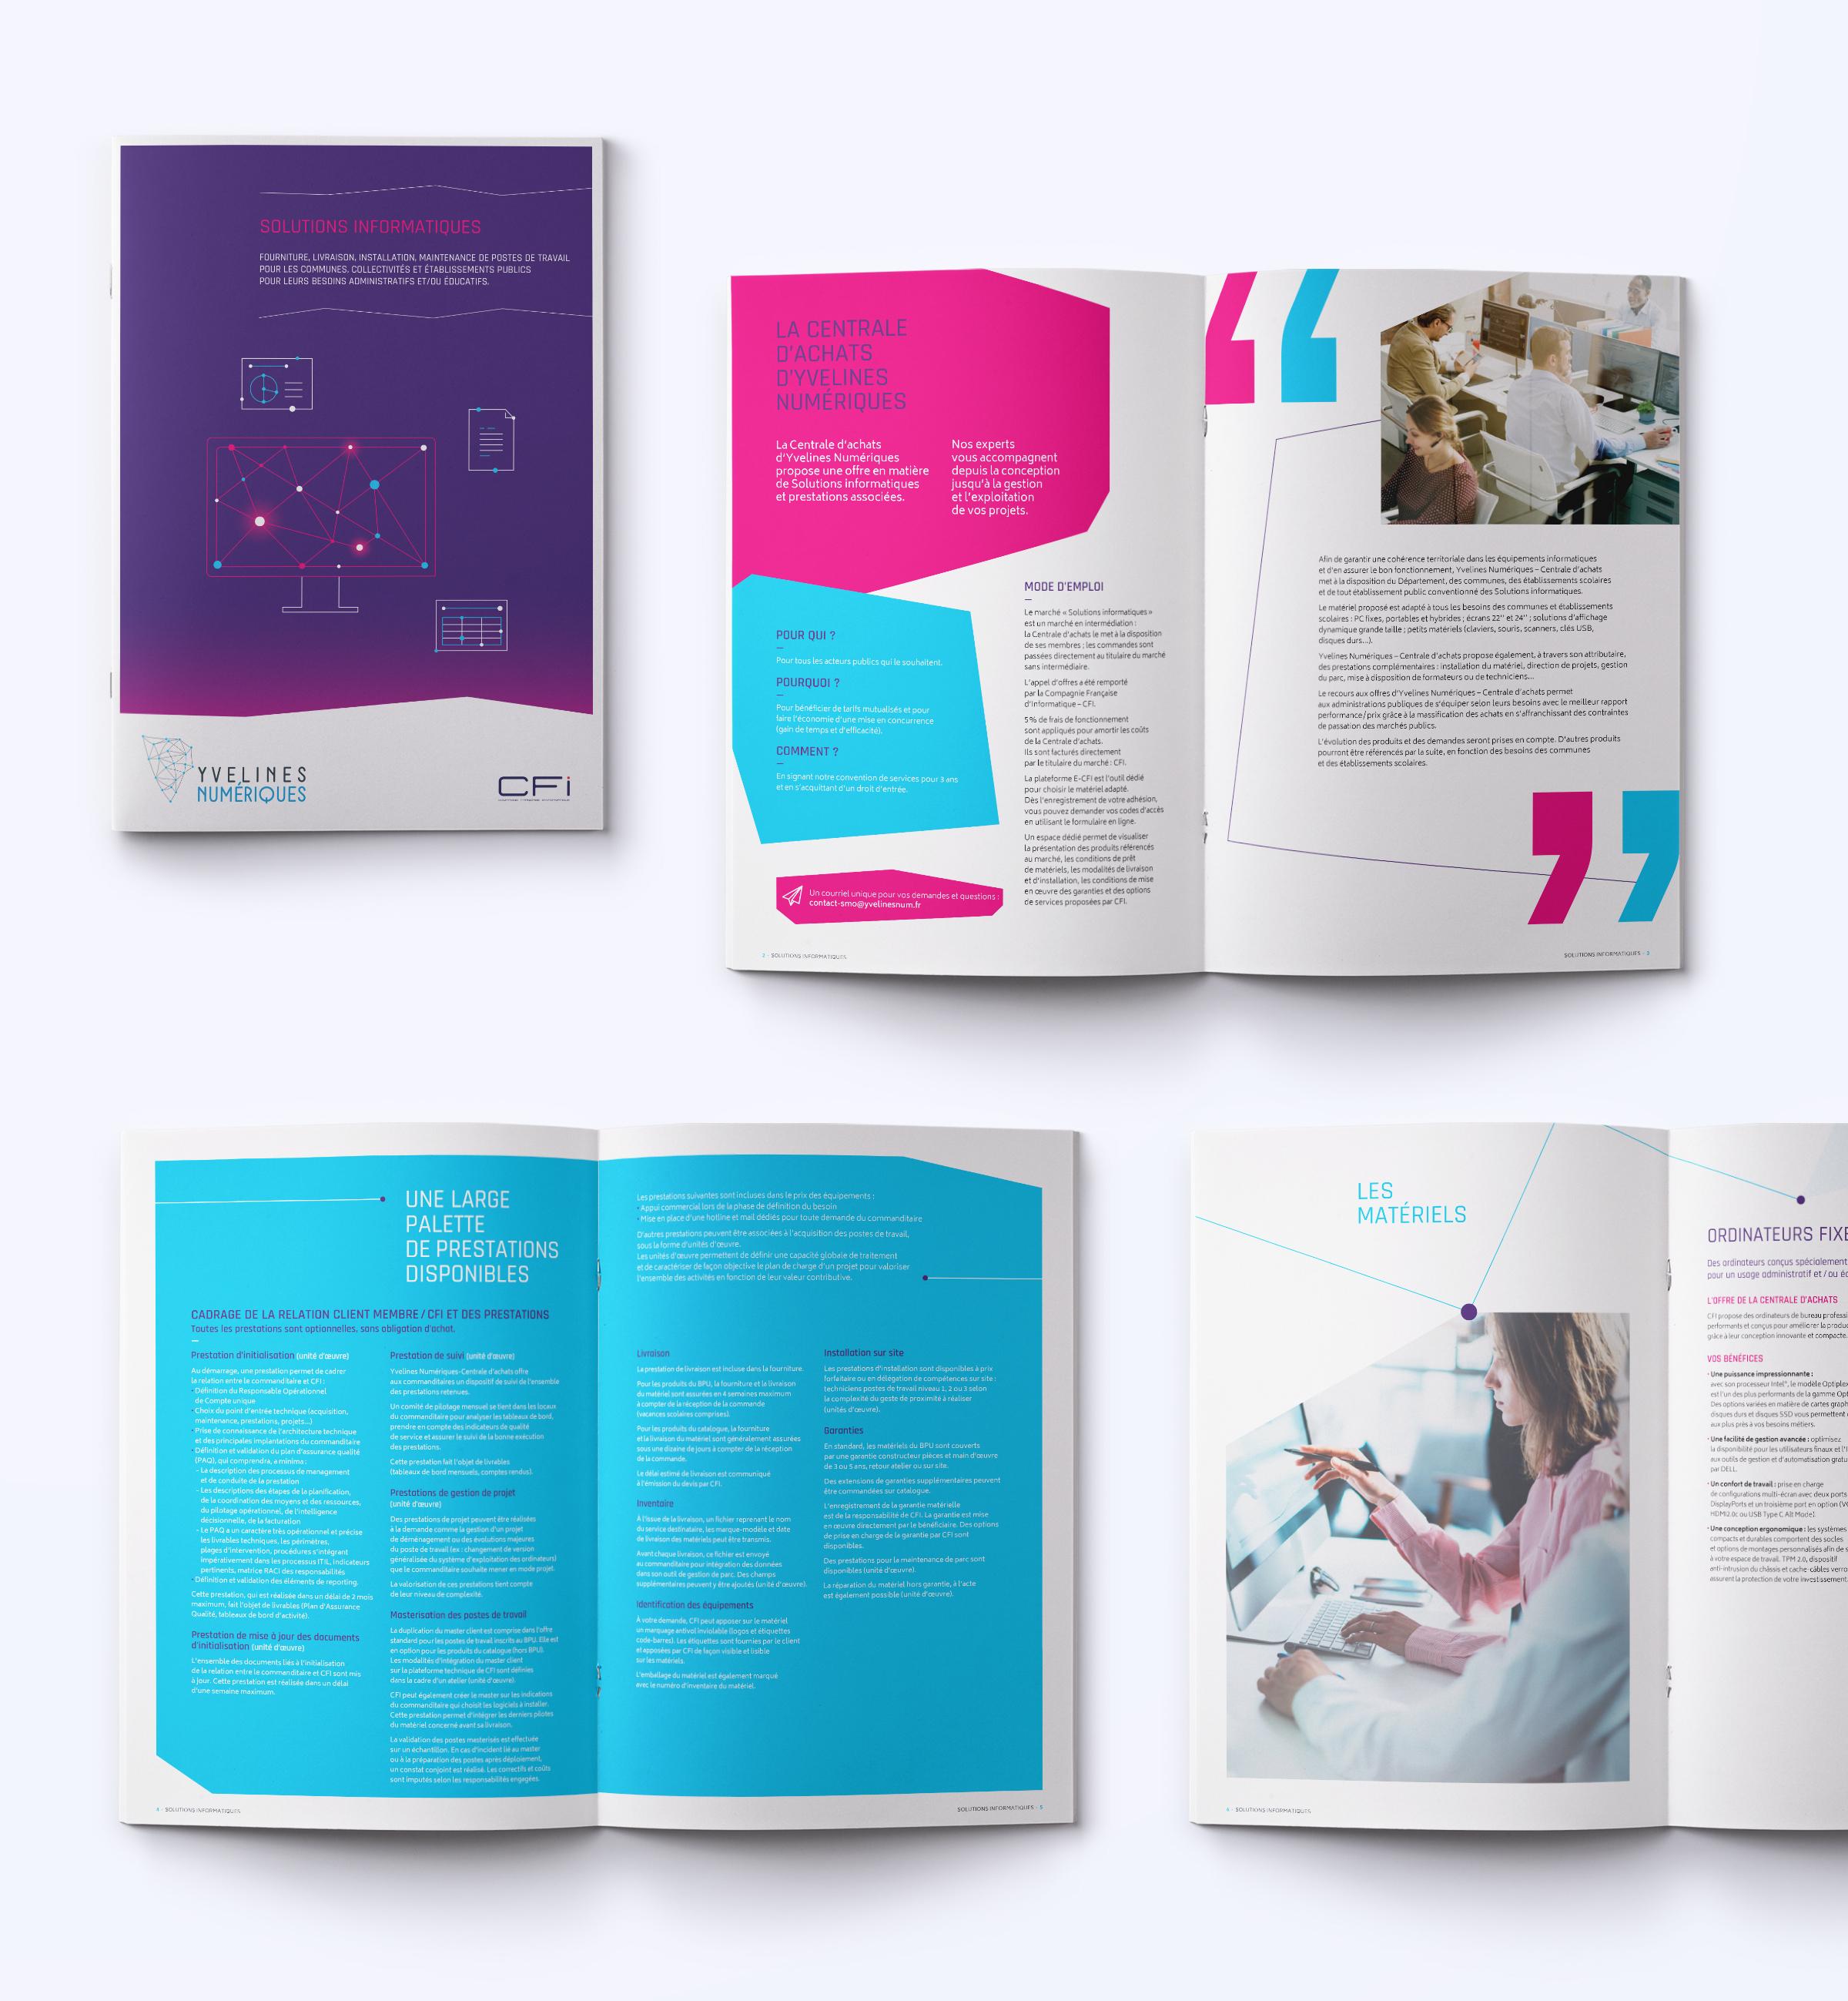 Yvelines numériques catalogue